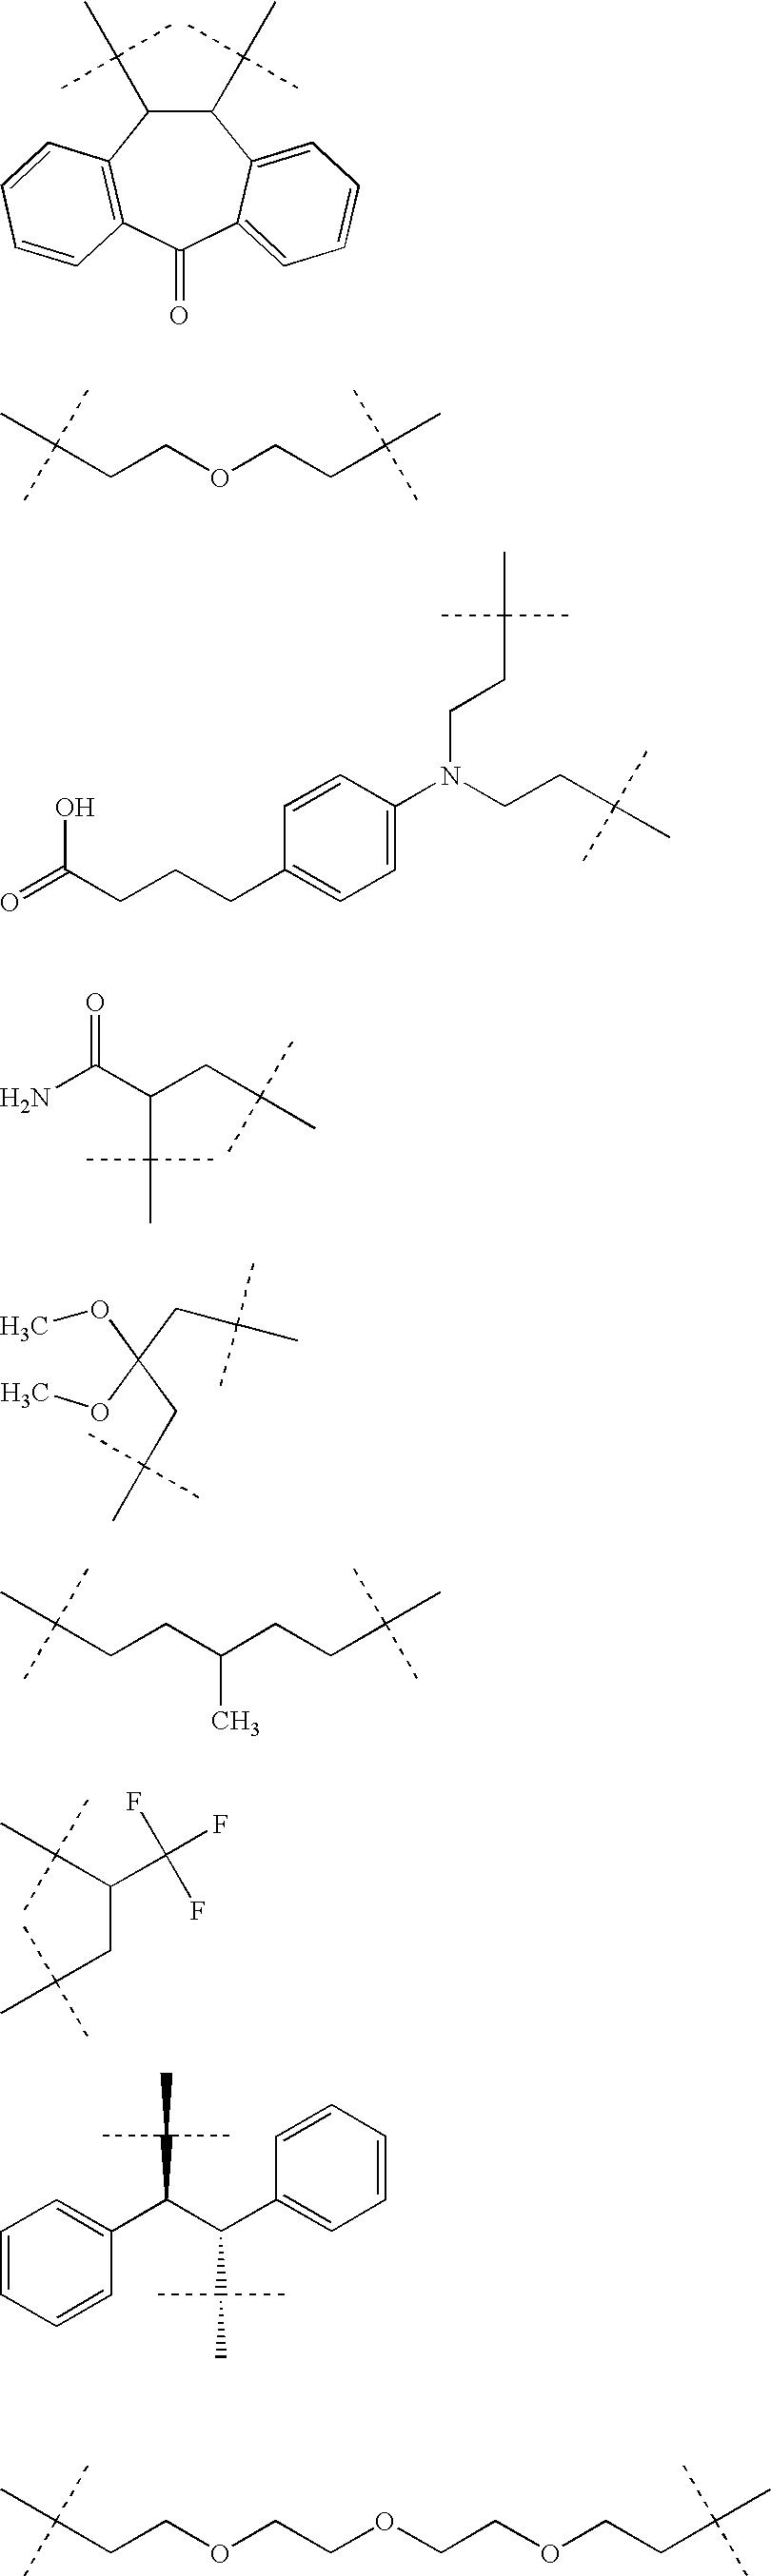 Figure US06693202-20040217-C00036